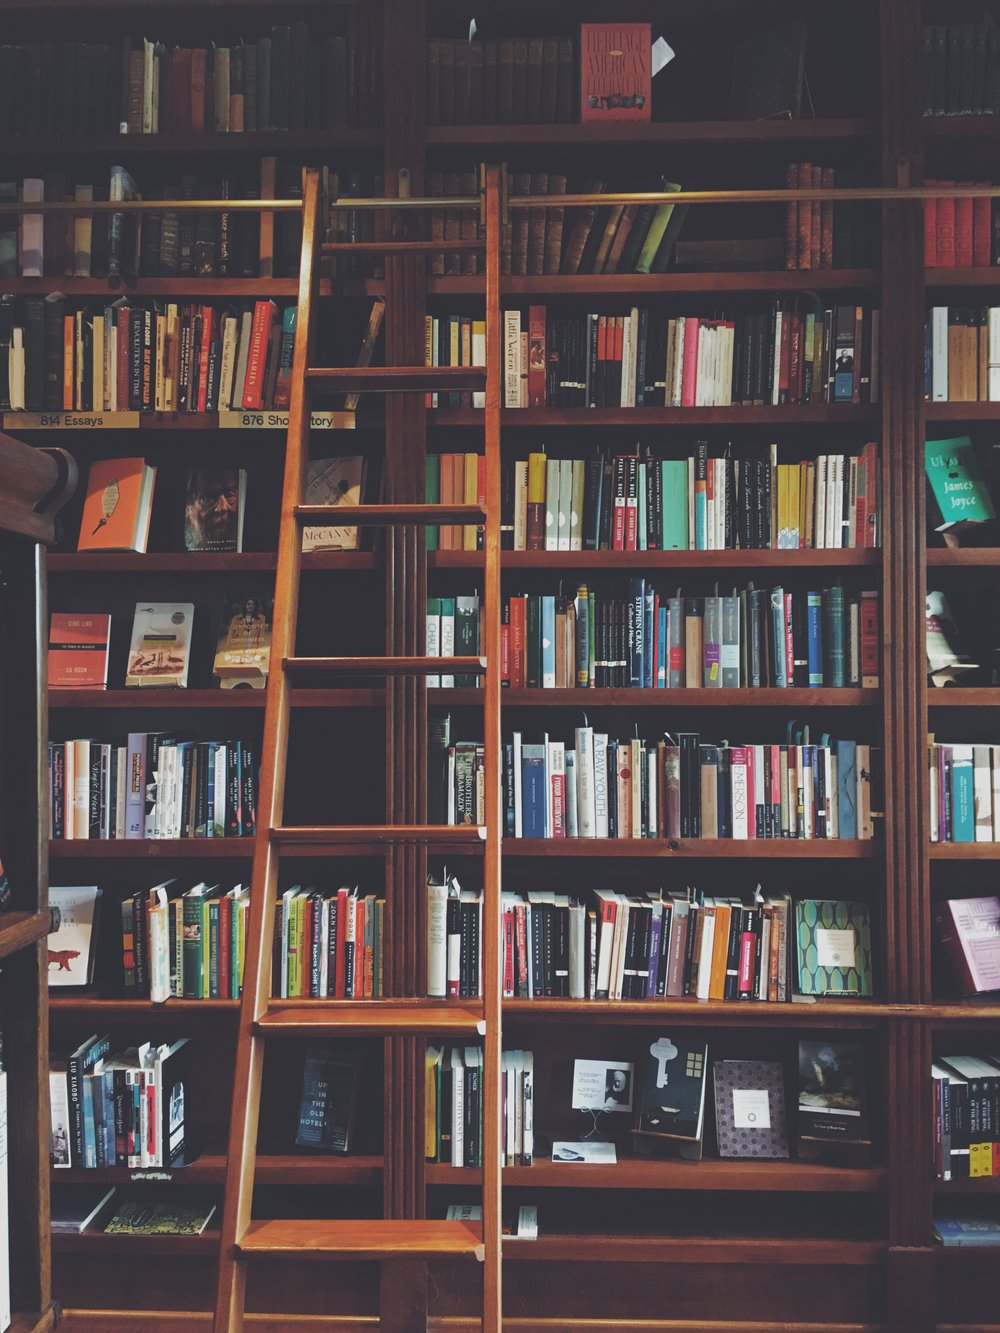 Wellington Square Bookstore in Exton, PA